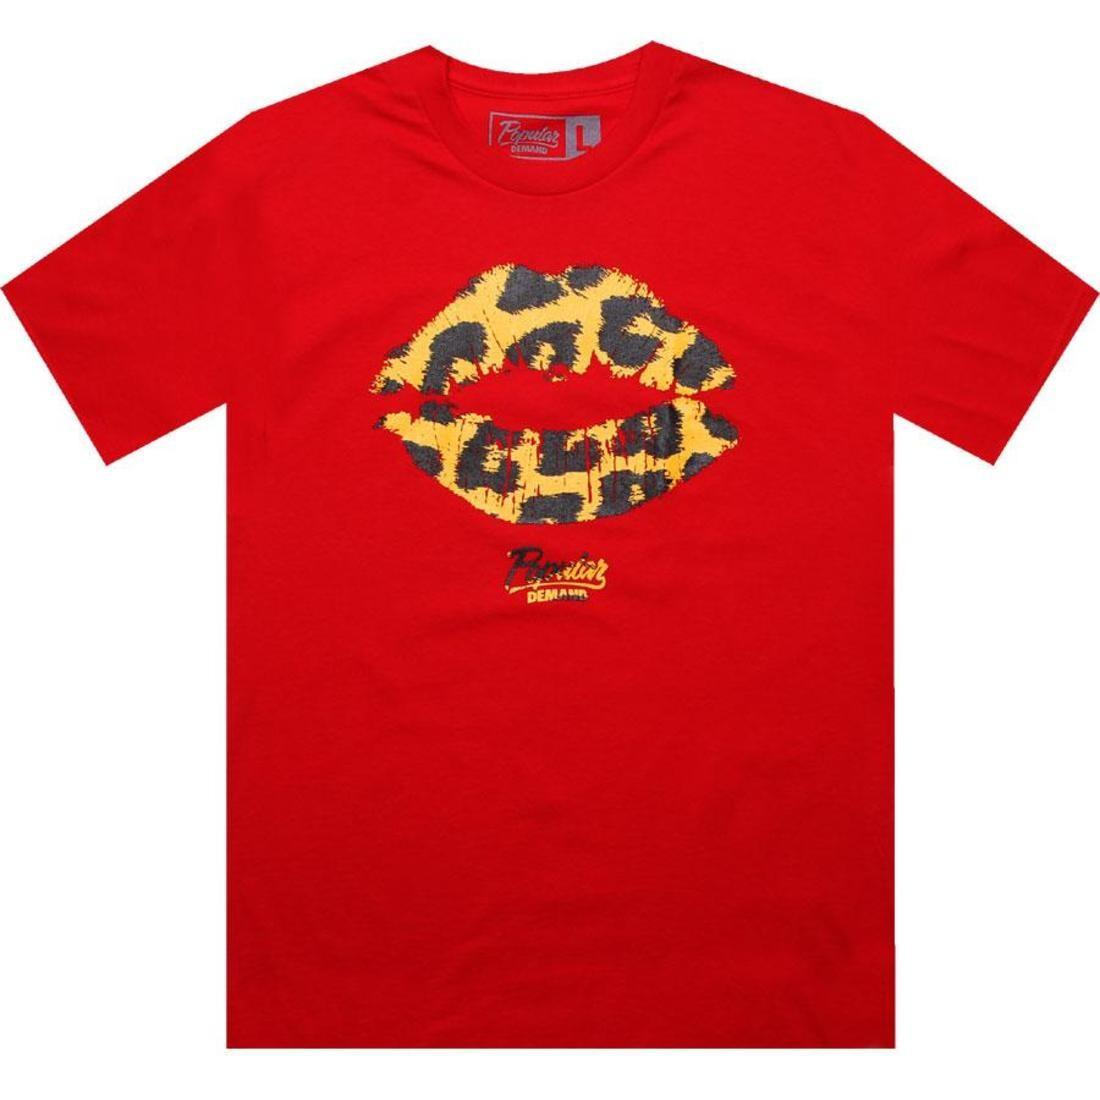 Tシャツ 赤 レッド 【 RED POPULAR DEMAND CHEETAH KISS TEE 】 メンズファッション トップス Tシャツ カットソー